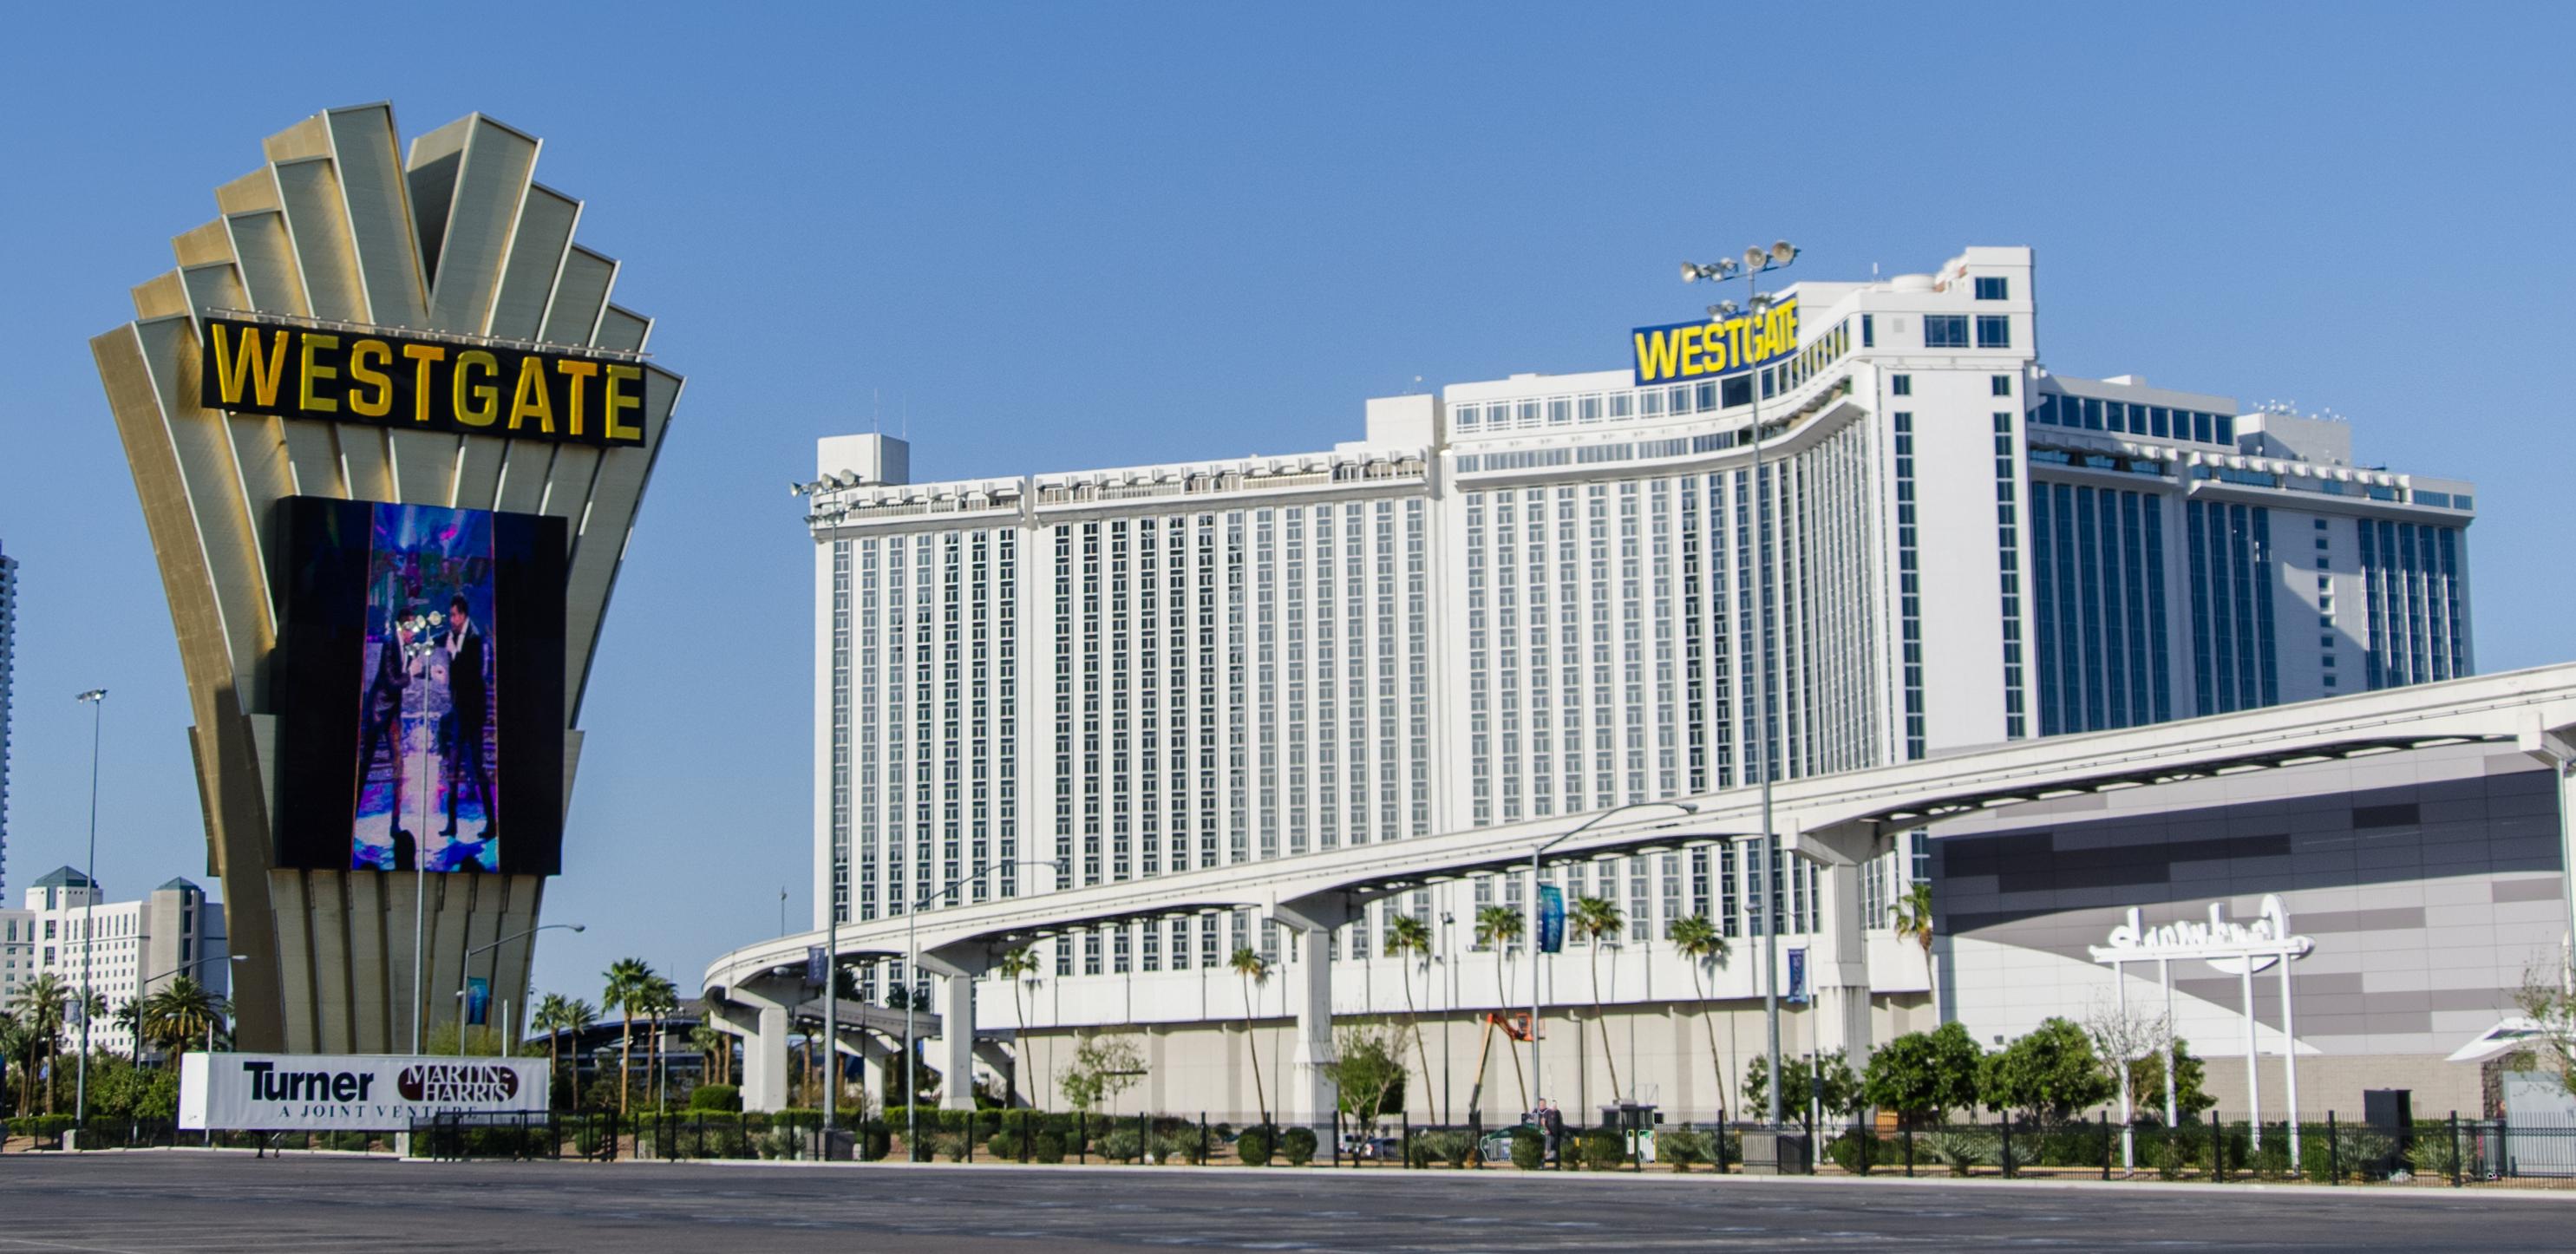 Westgate Casino Las Vegas